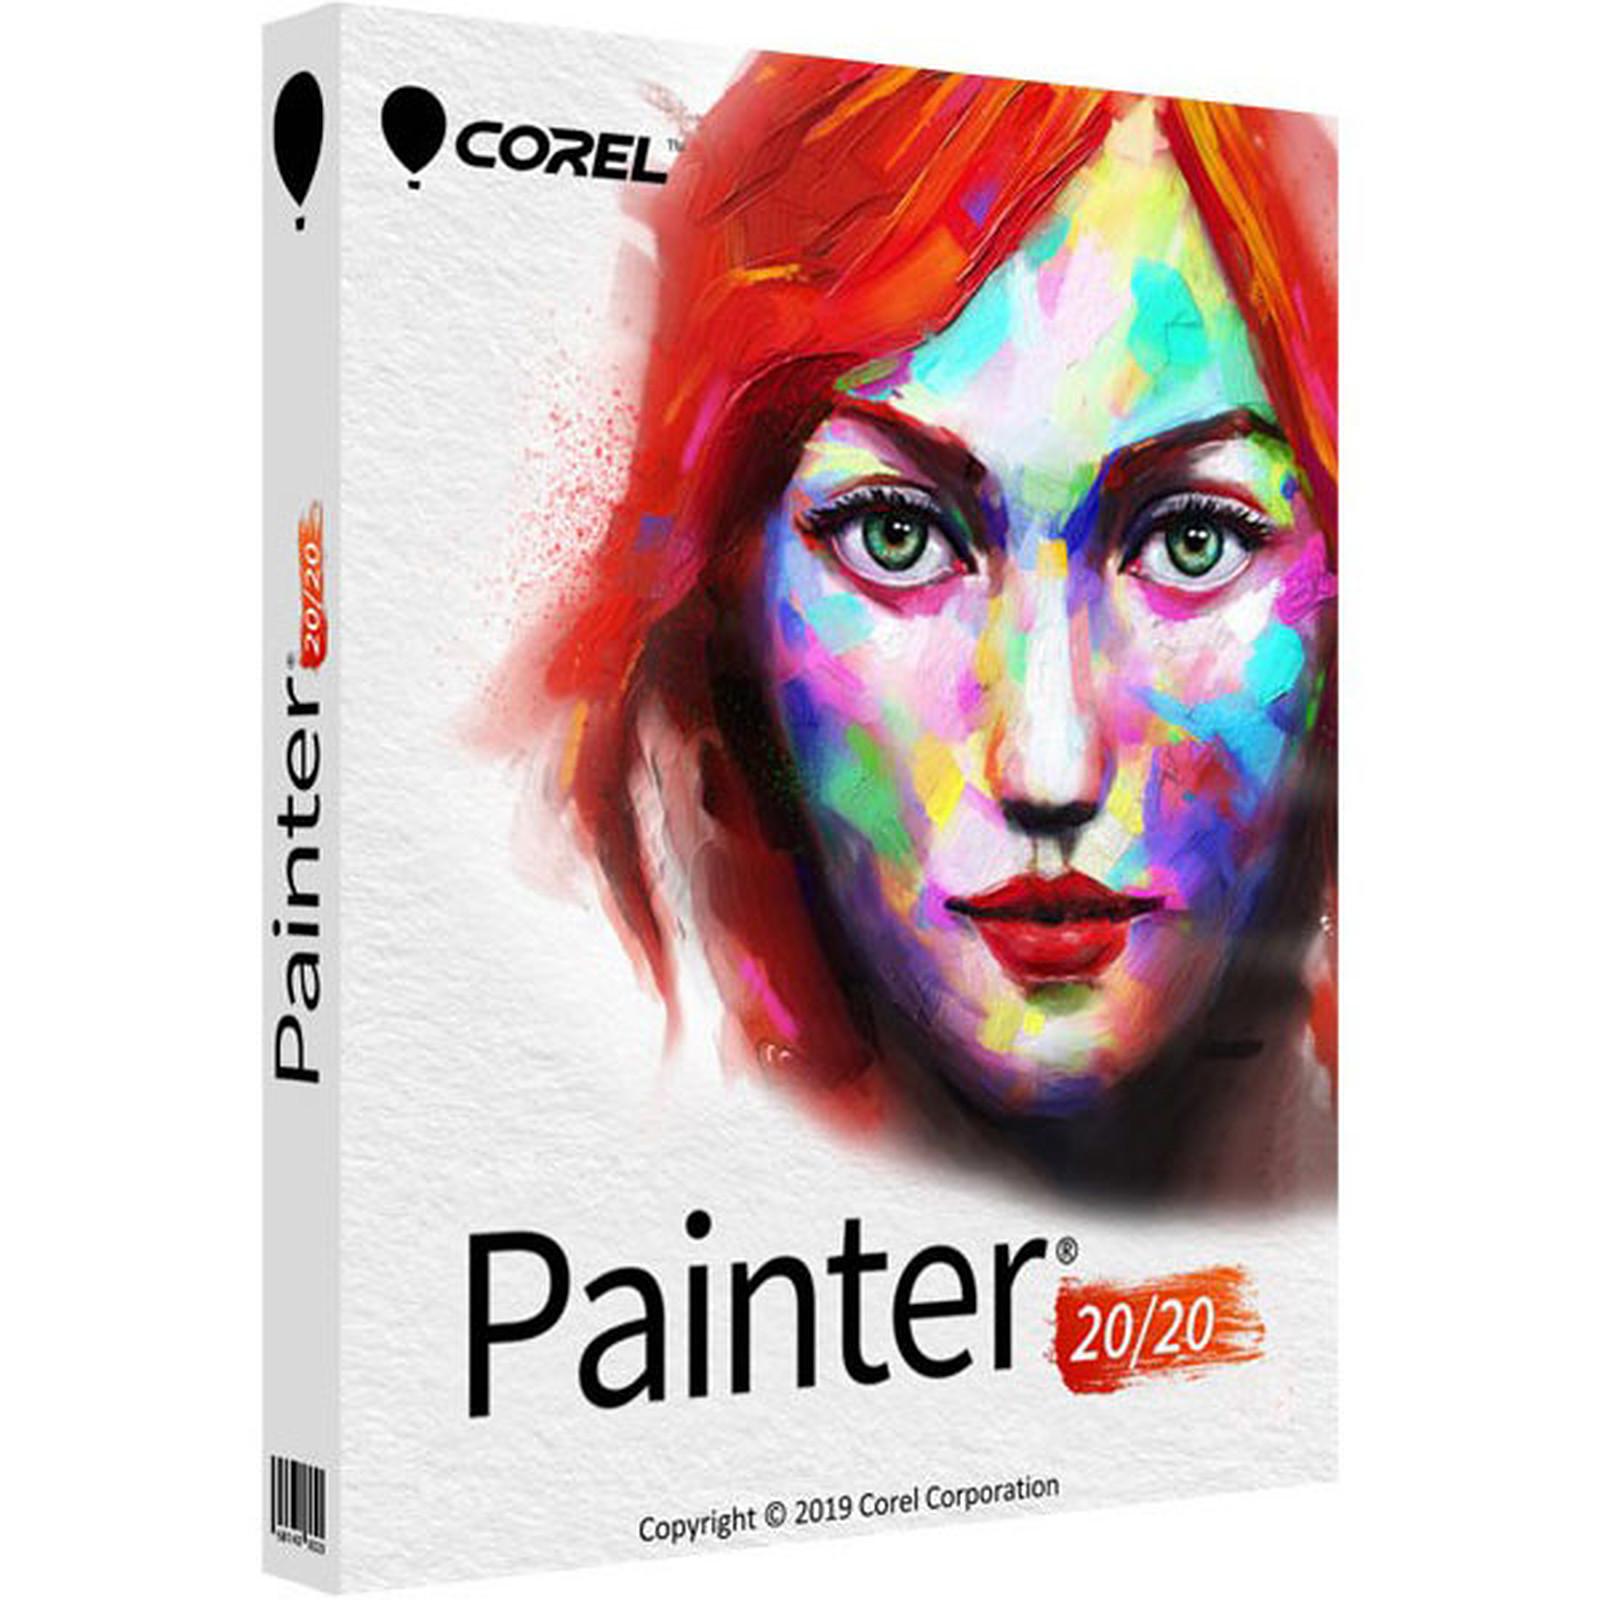 Corel Painter 2020 - Version complète